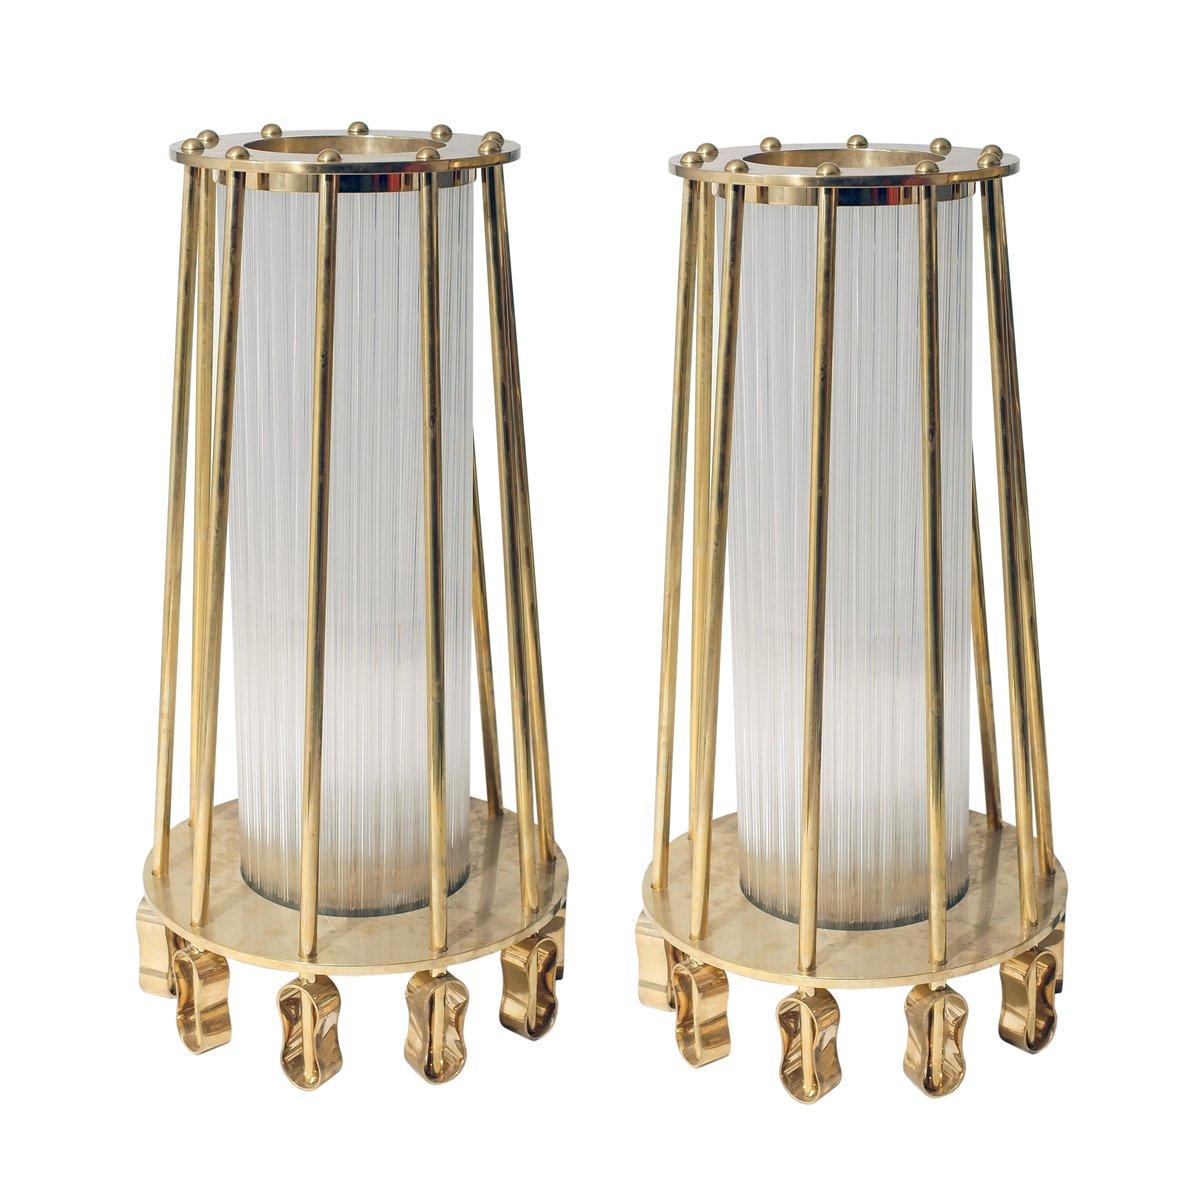 Tubuläre Stehlampen von Venini, 2er Set